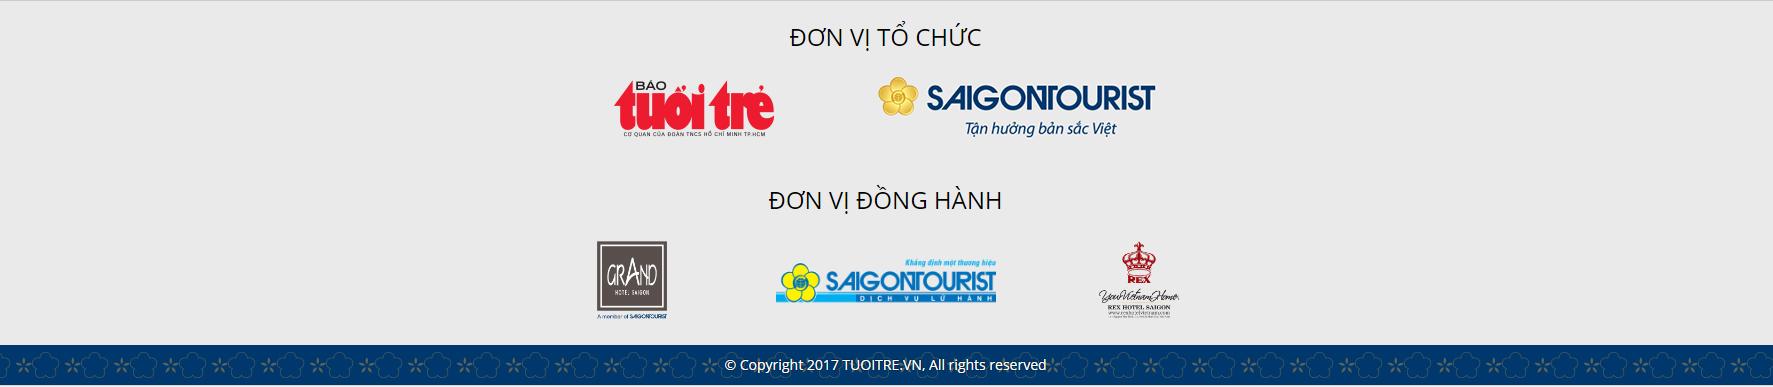 Gửi ảnh, clip, bài thi Tận hưởng bản sắc Việt lần 2 để rinh giải thưởng lớn - Ảnh 17.